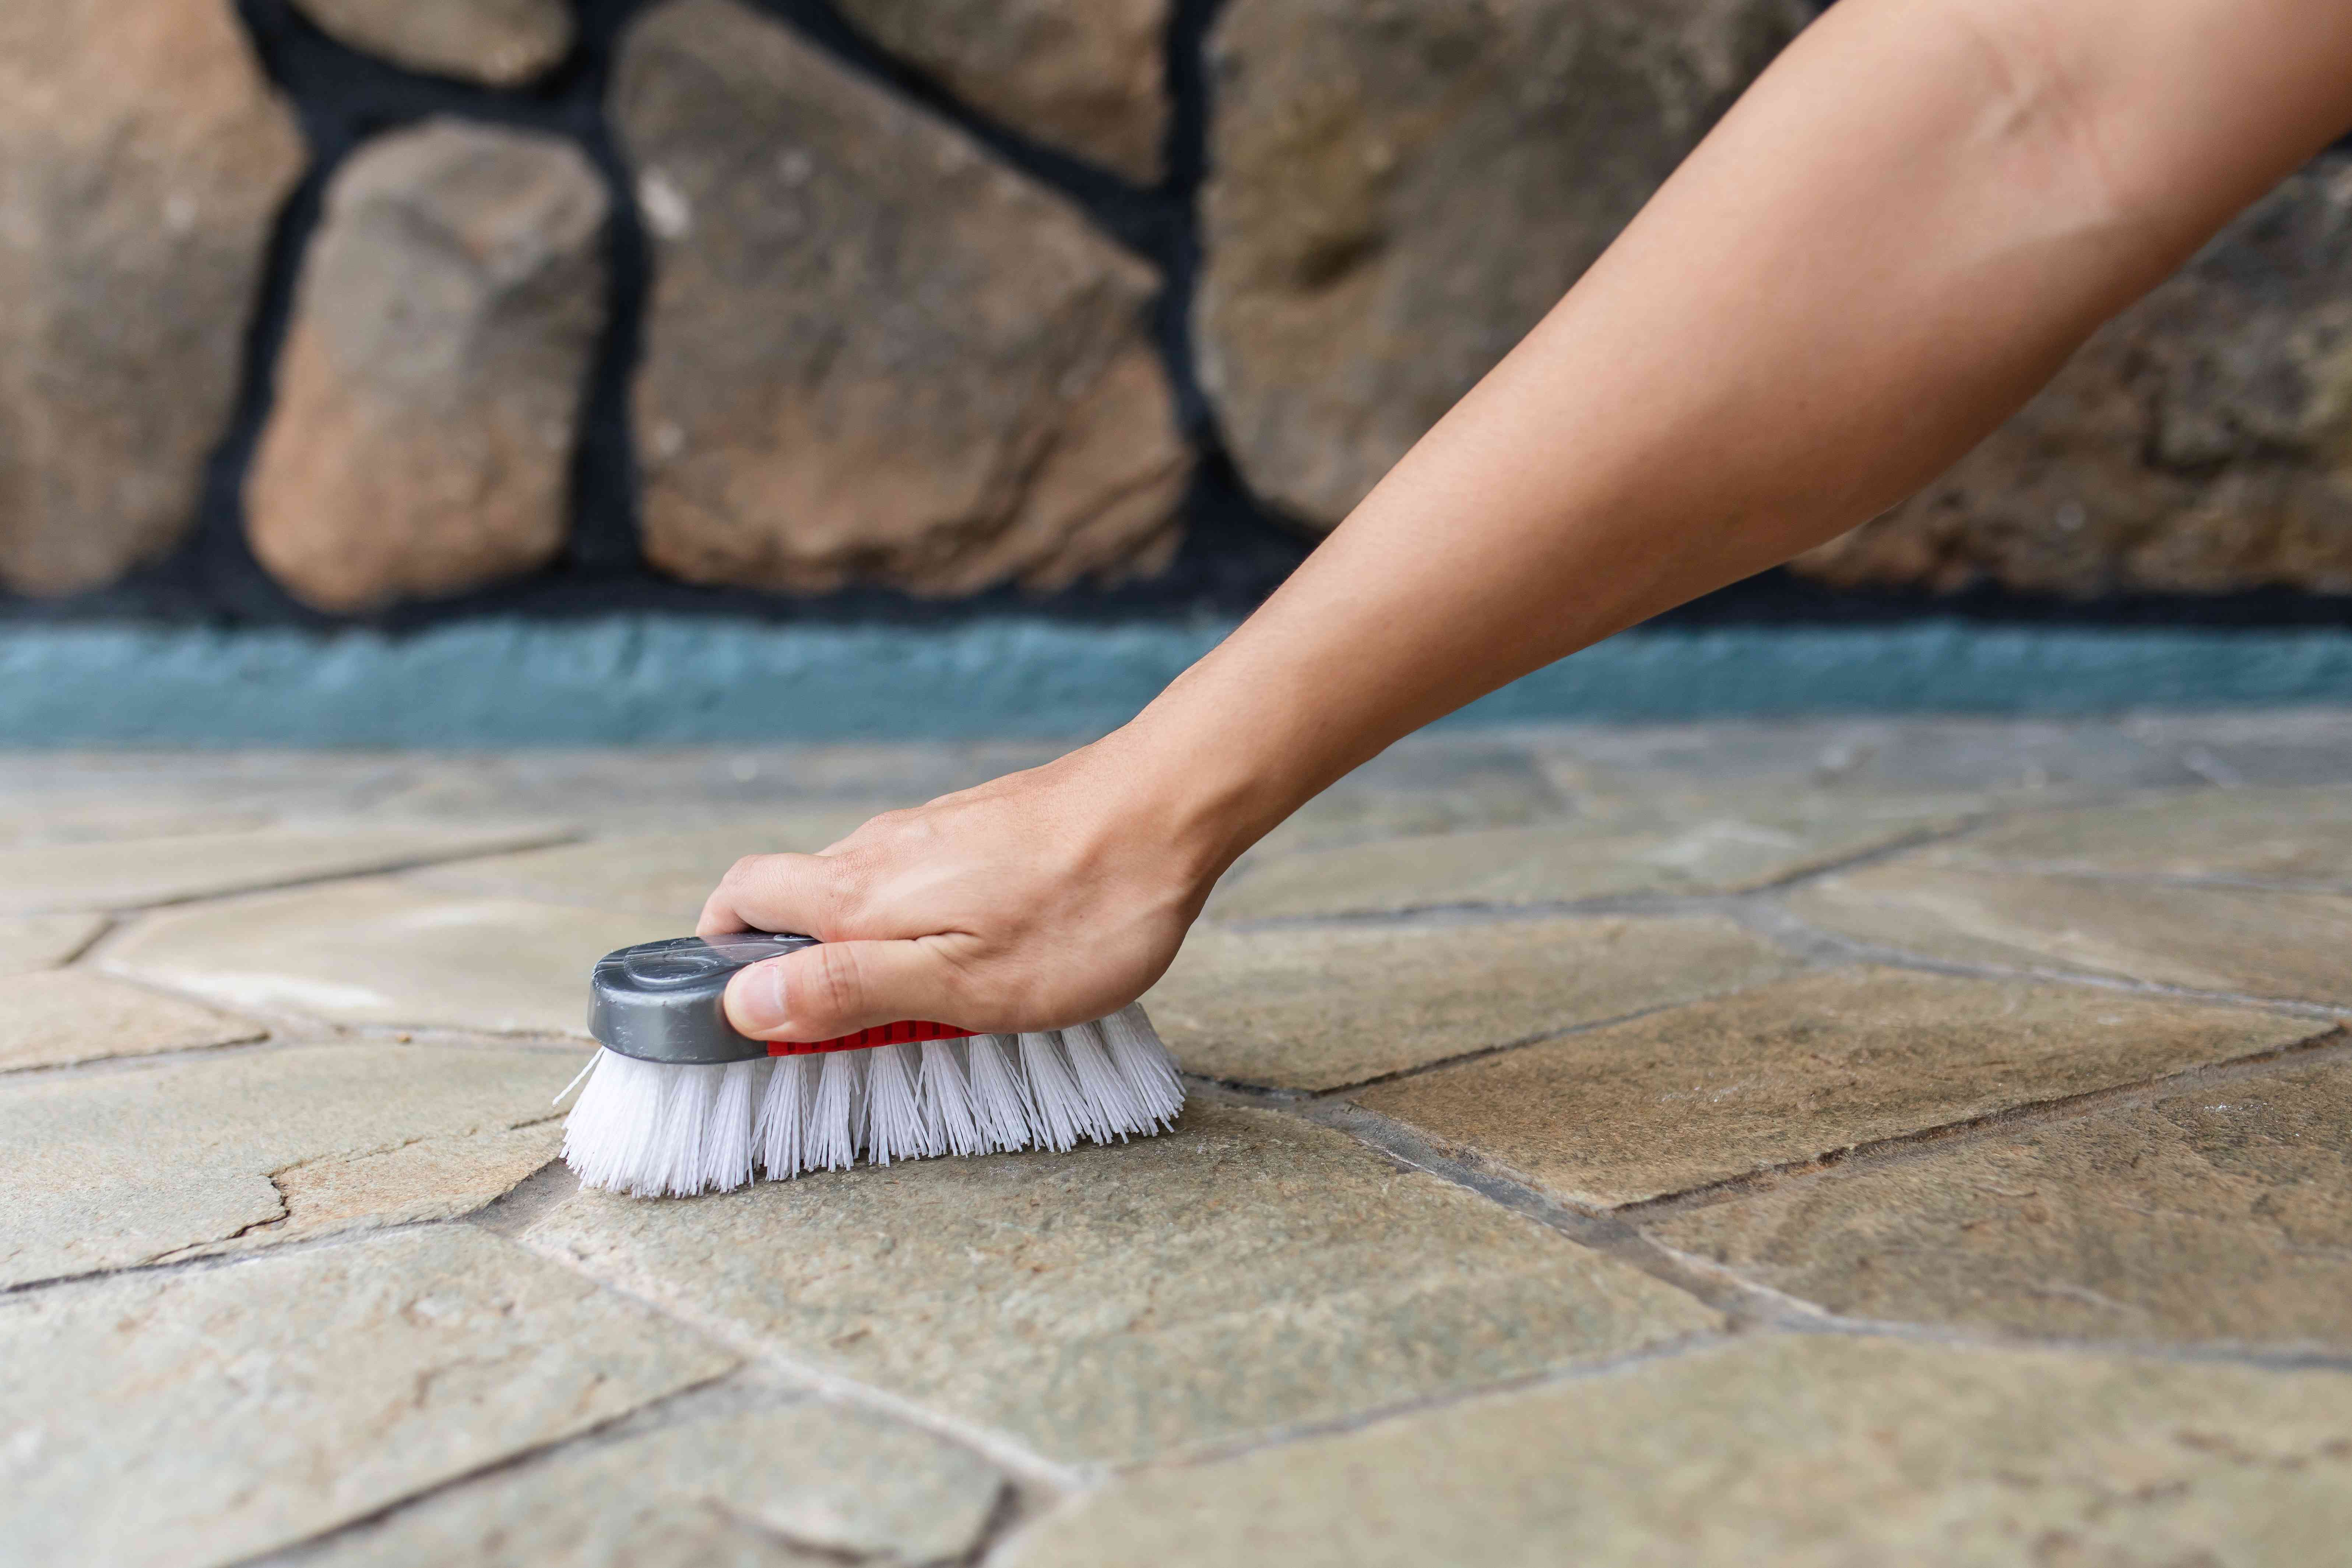 person scrubbing a natural stone floor